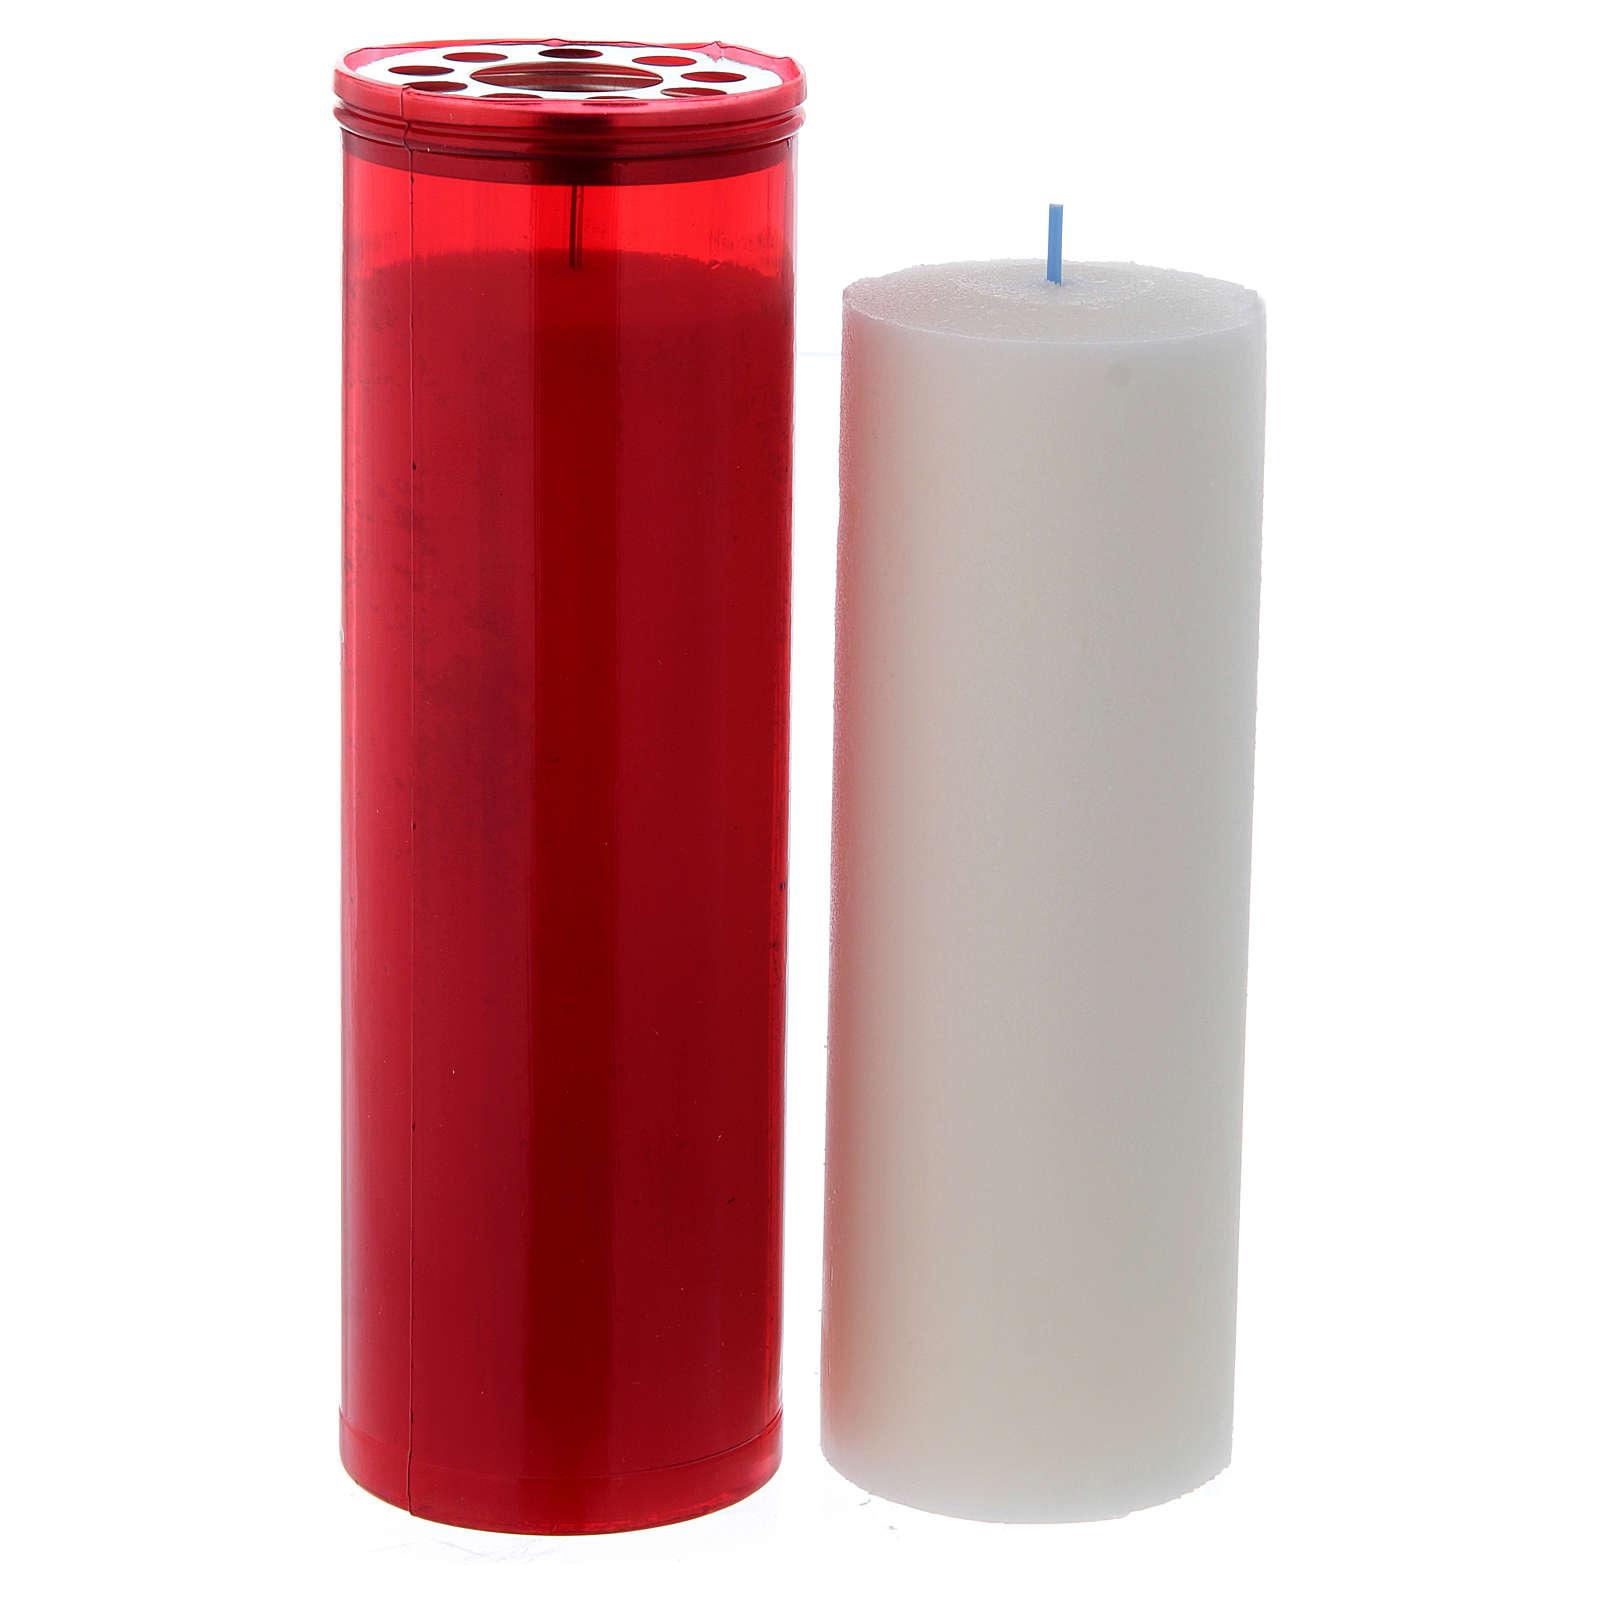 Lamparilla votiva color rojo T60 con cera blanca 3